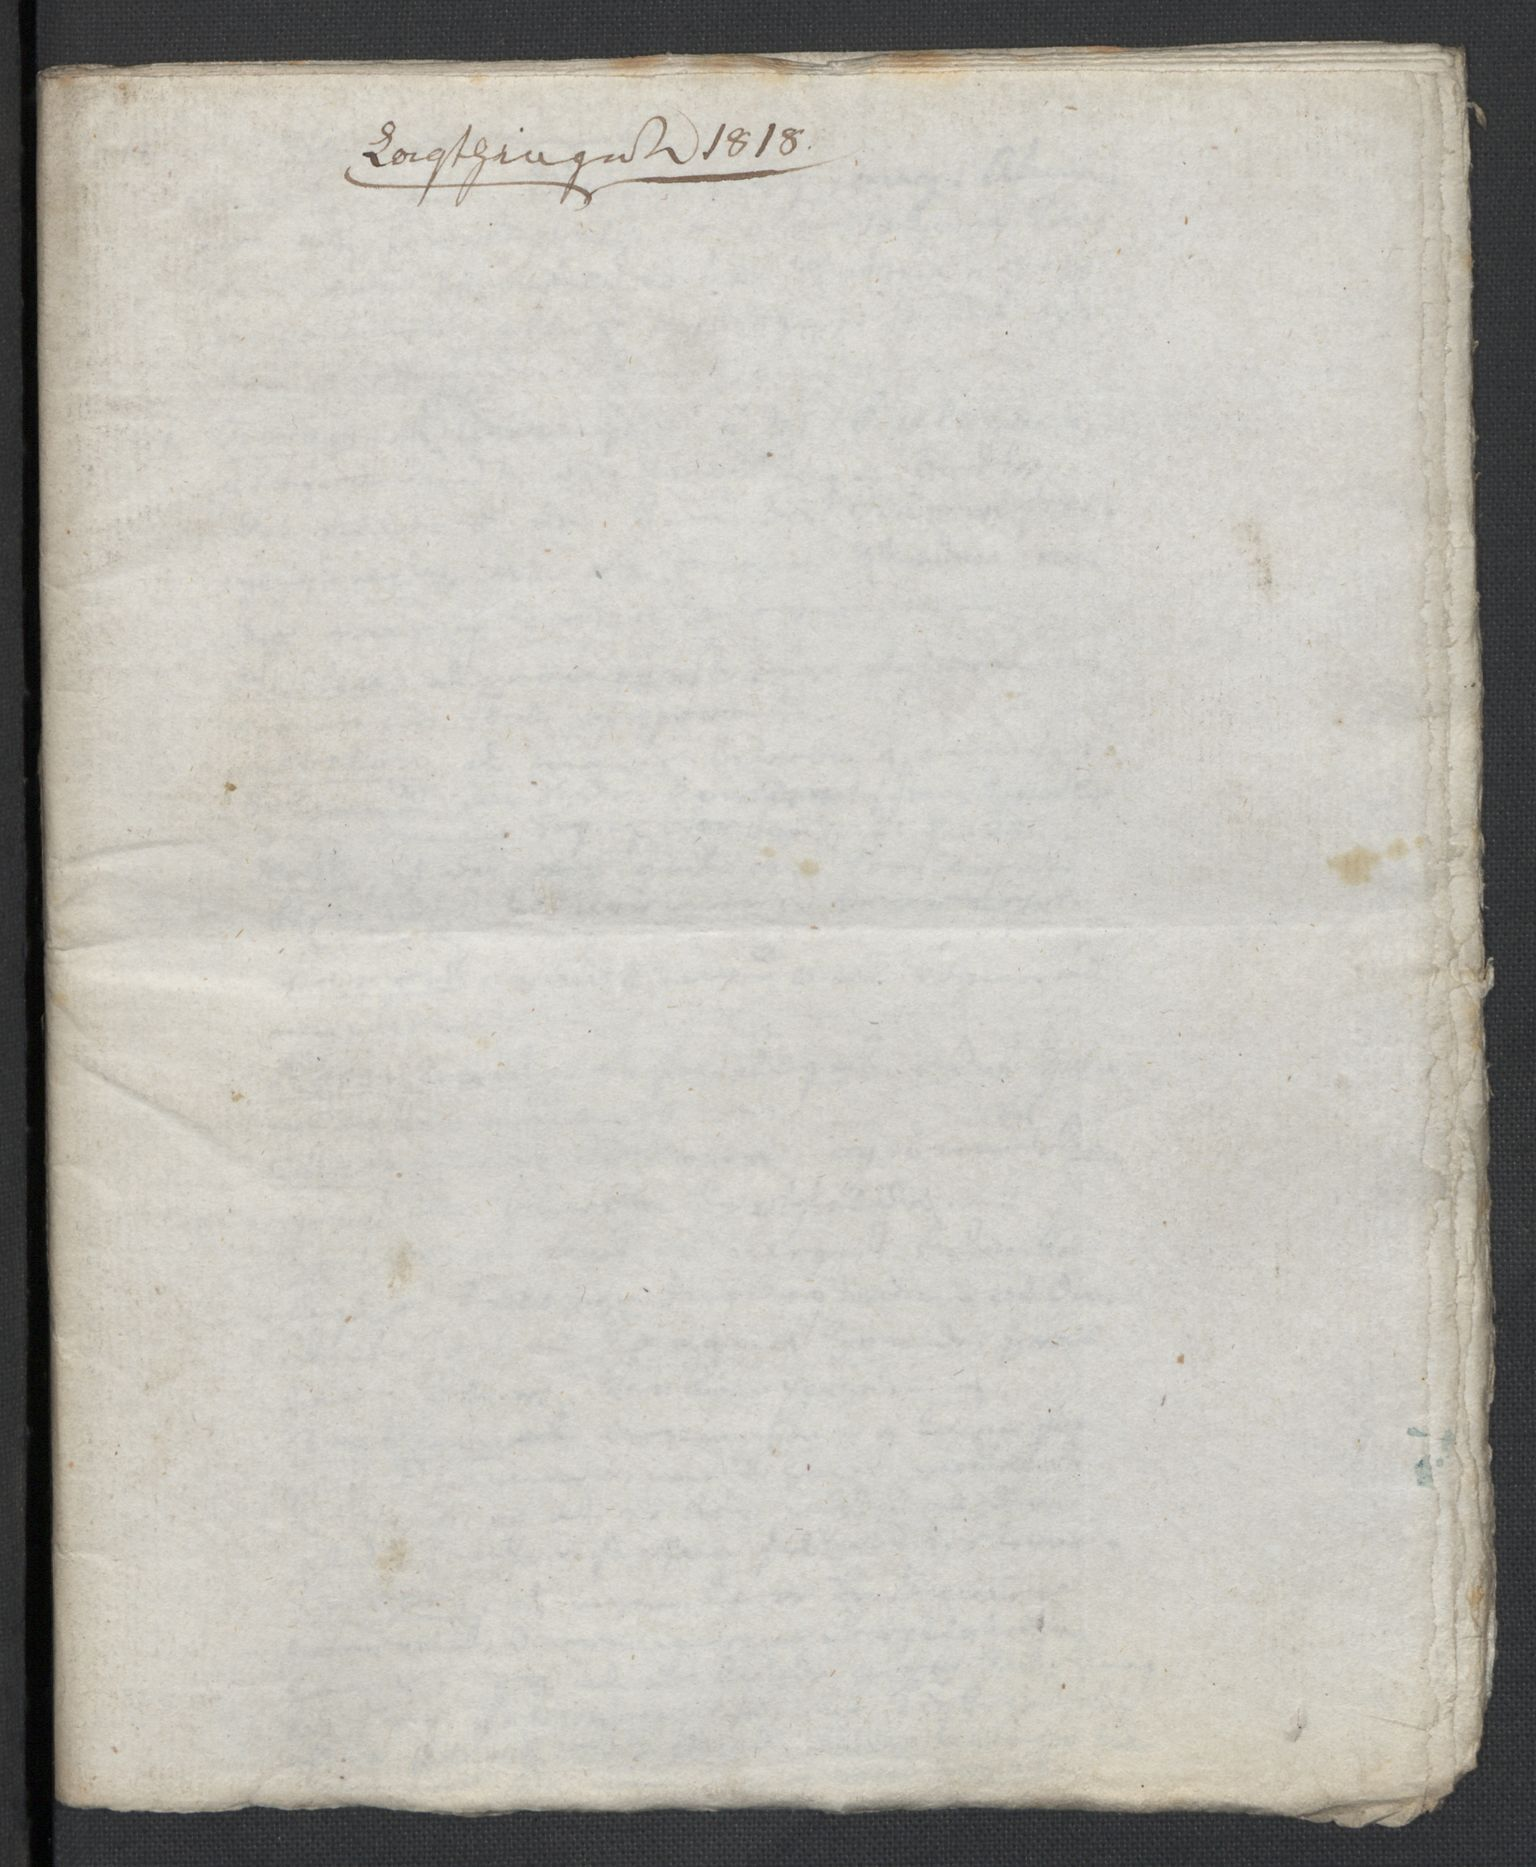 RA, Christie, Wilhelm Frimann Koren, F/L0006, 1817-1818, s. 174